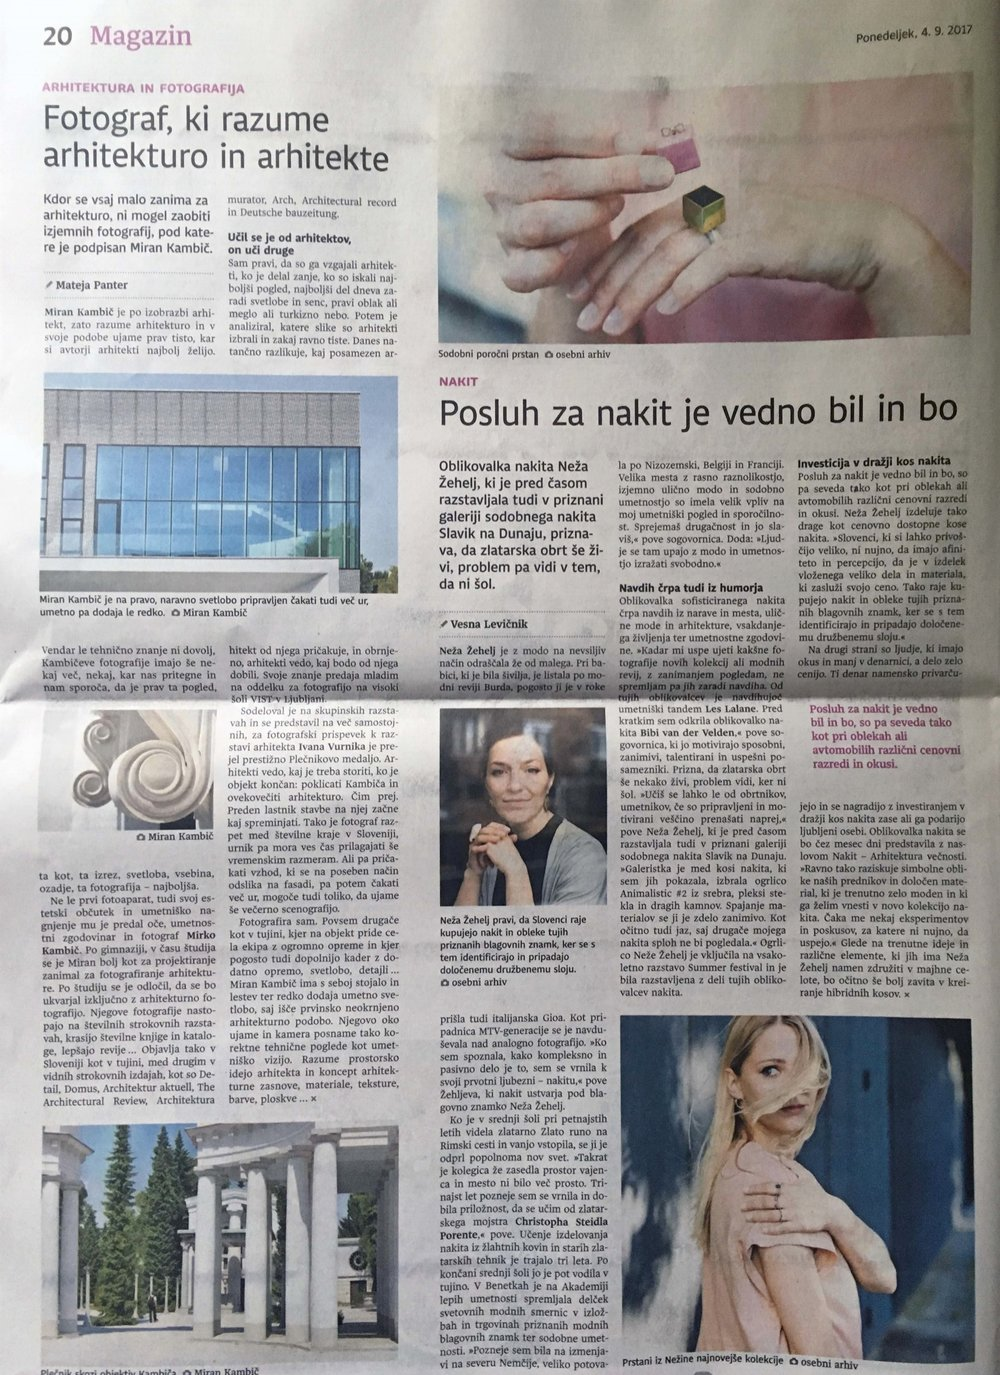 - DELO newspaper